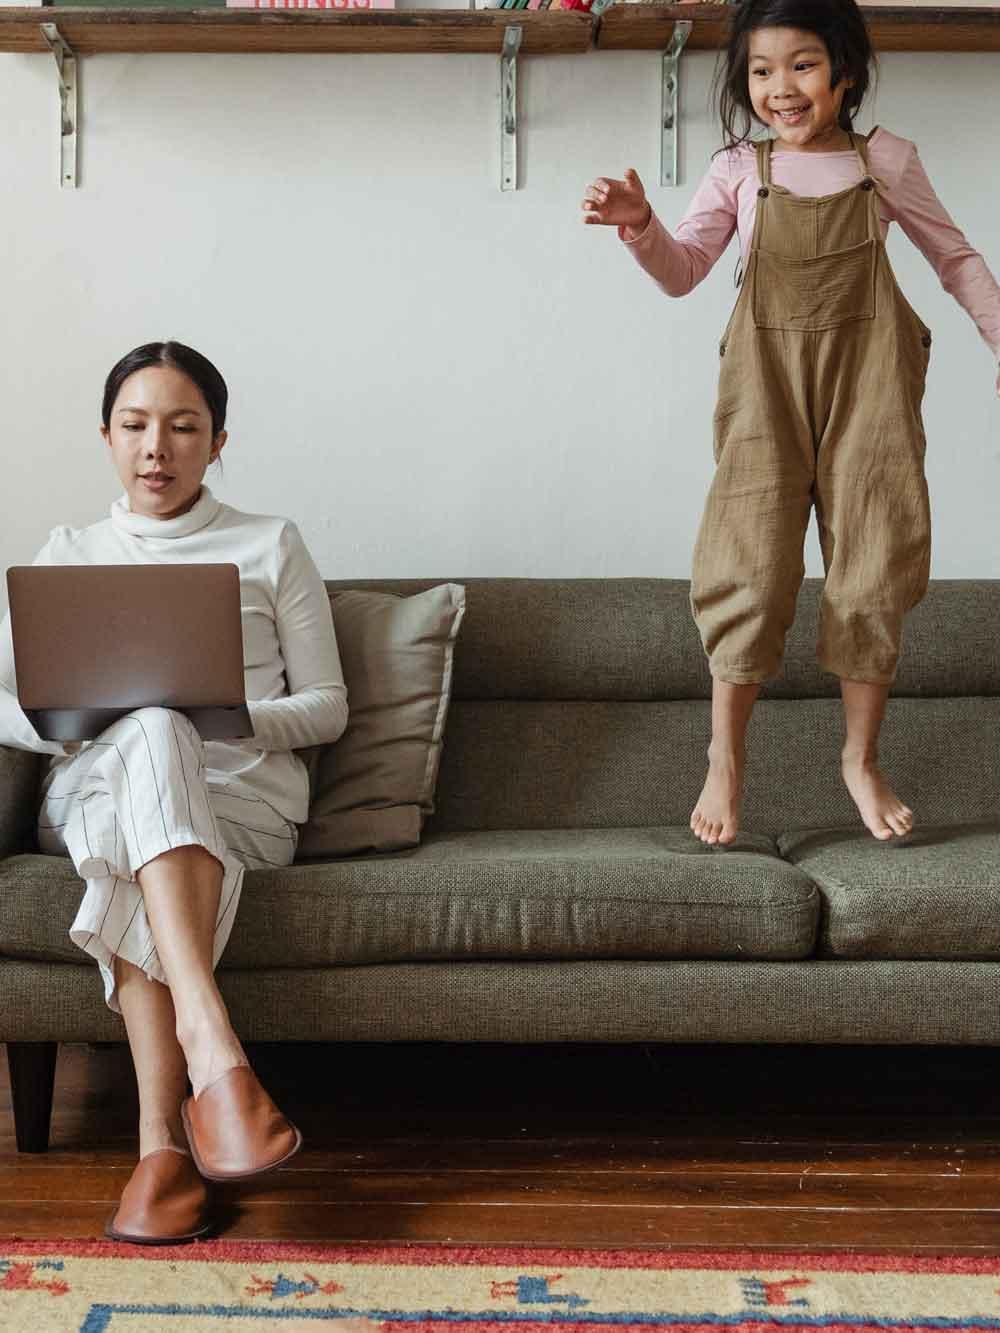 Frau_sitzt_mit_Laptop_auf_sofa_Kind_springt_auf_sofa